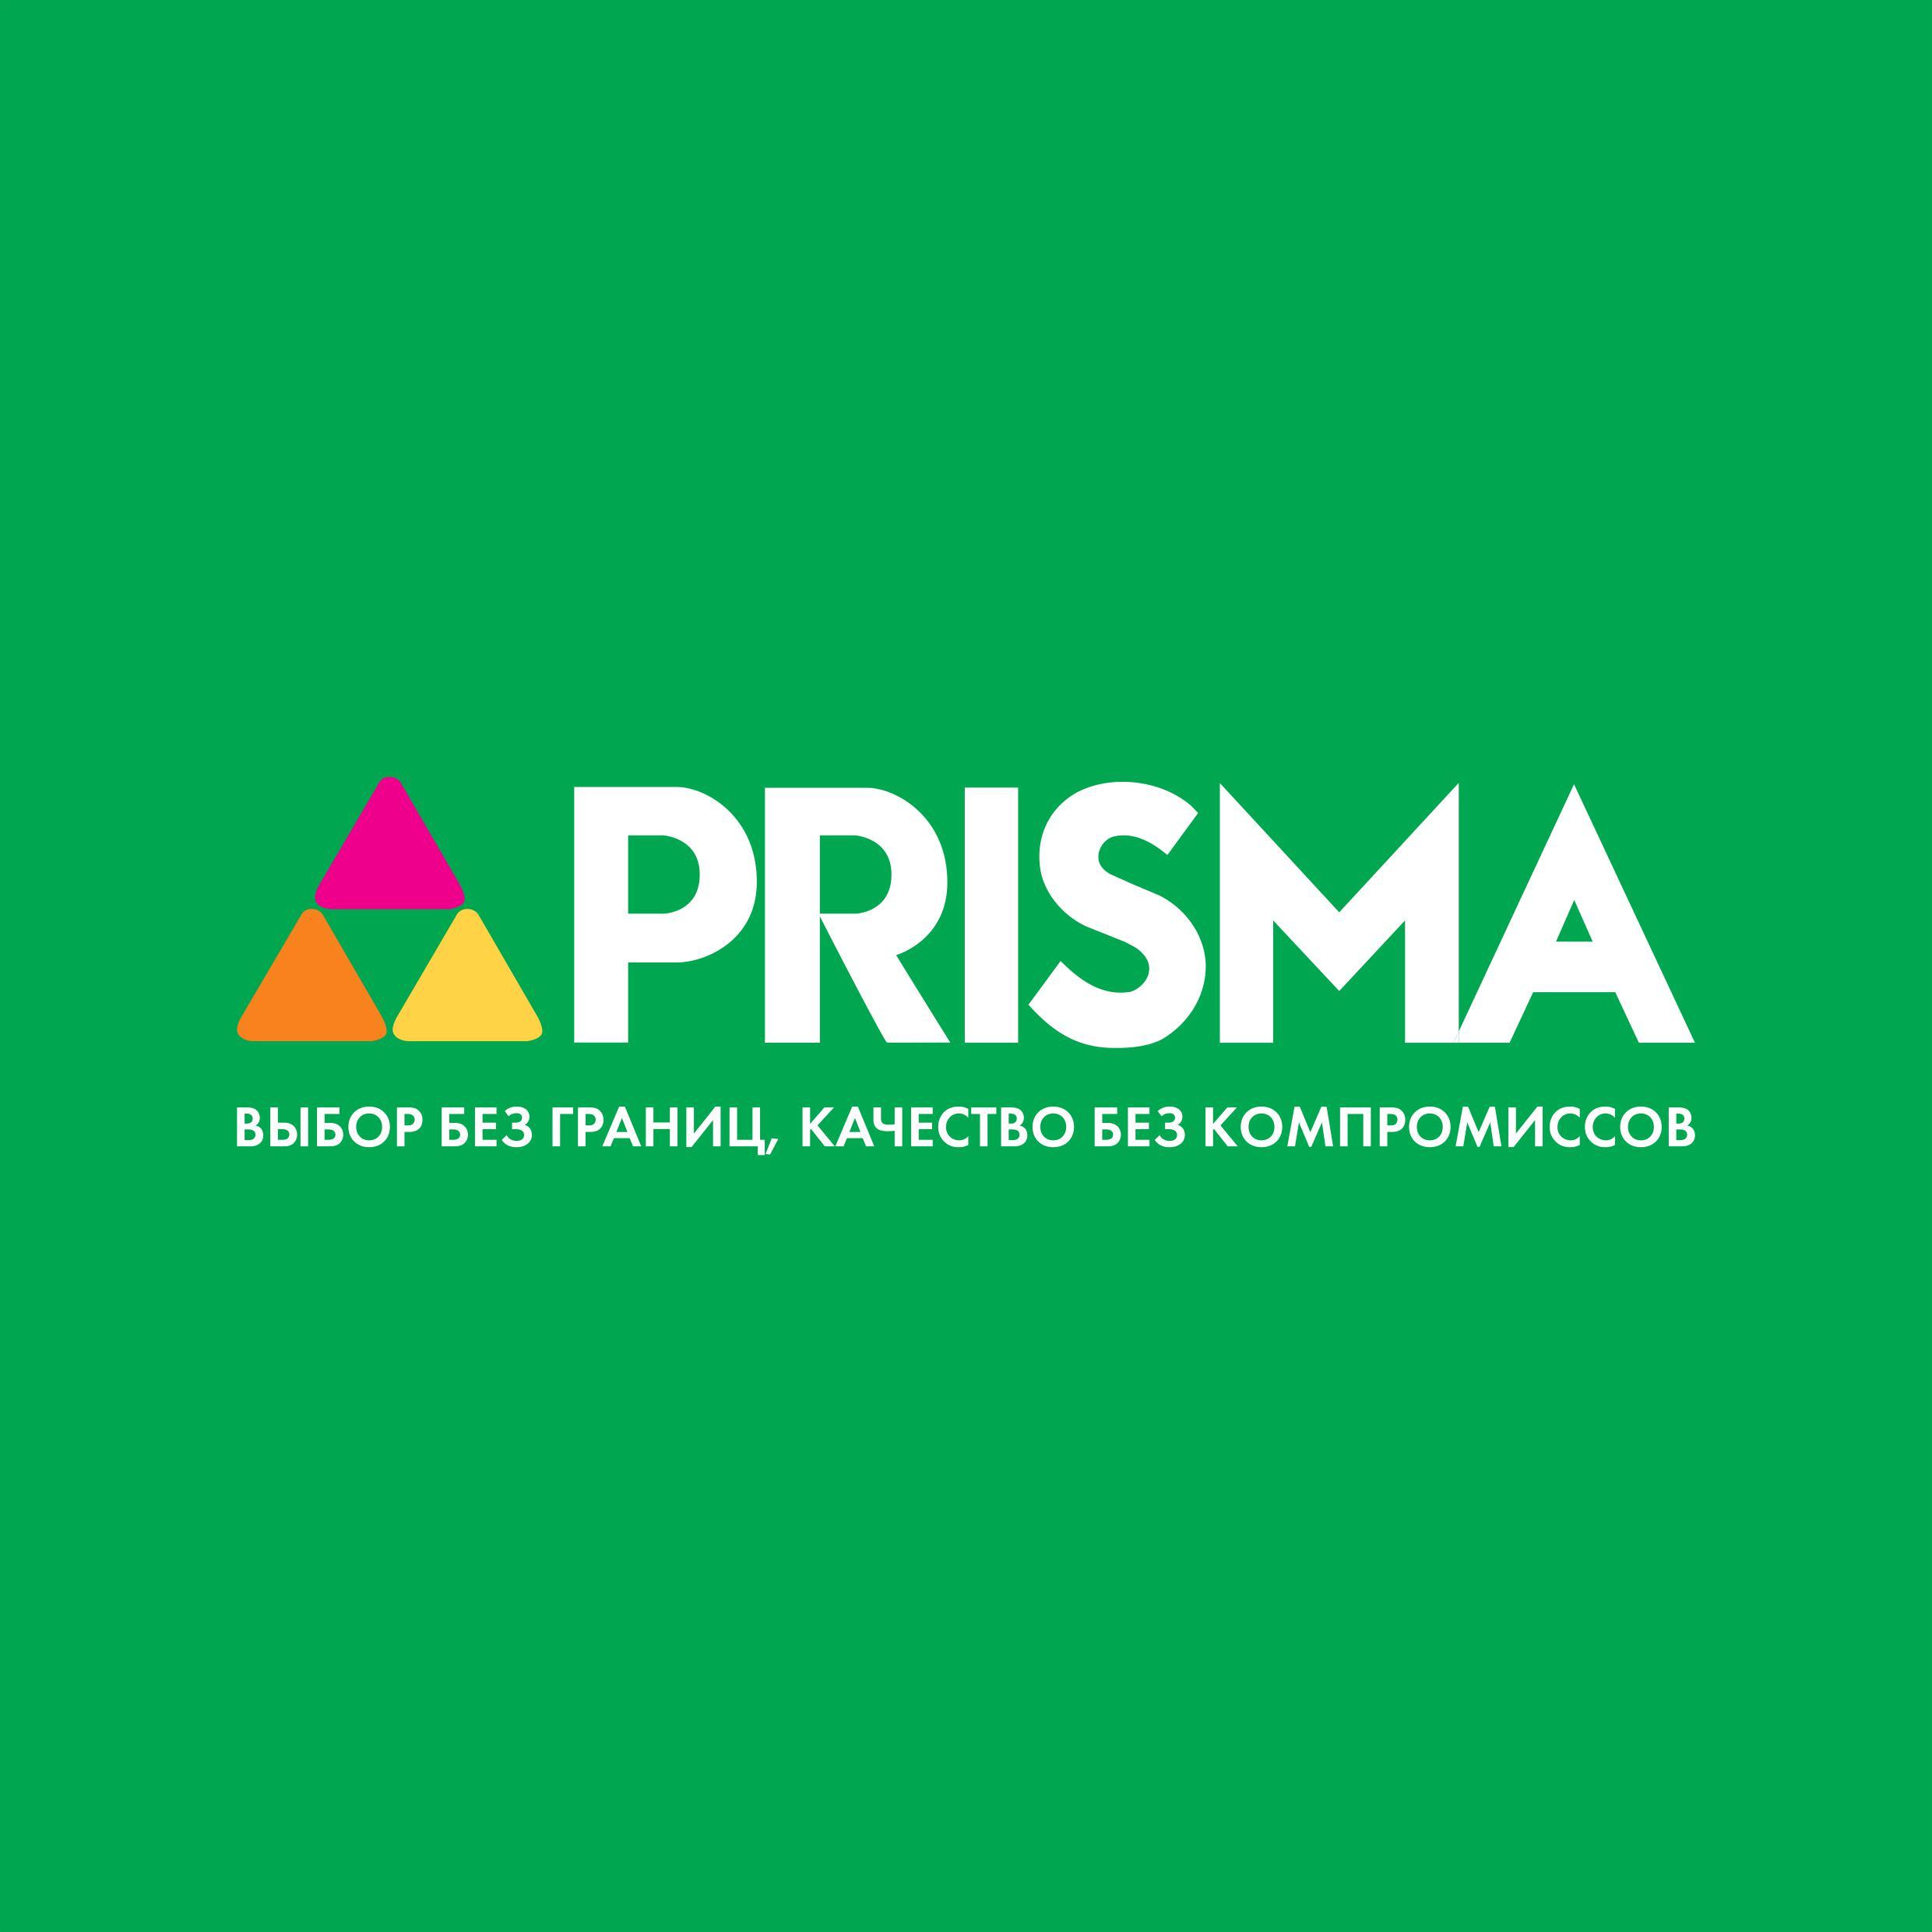 Работа в компании «PRISMA,  сеть финских супермаркетов» в Санкт-Петербурга